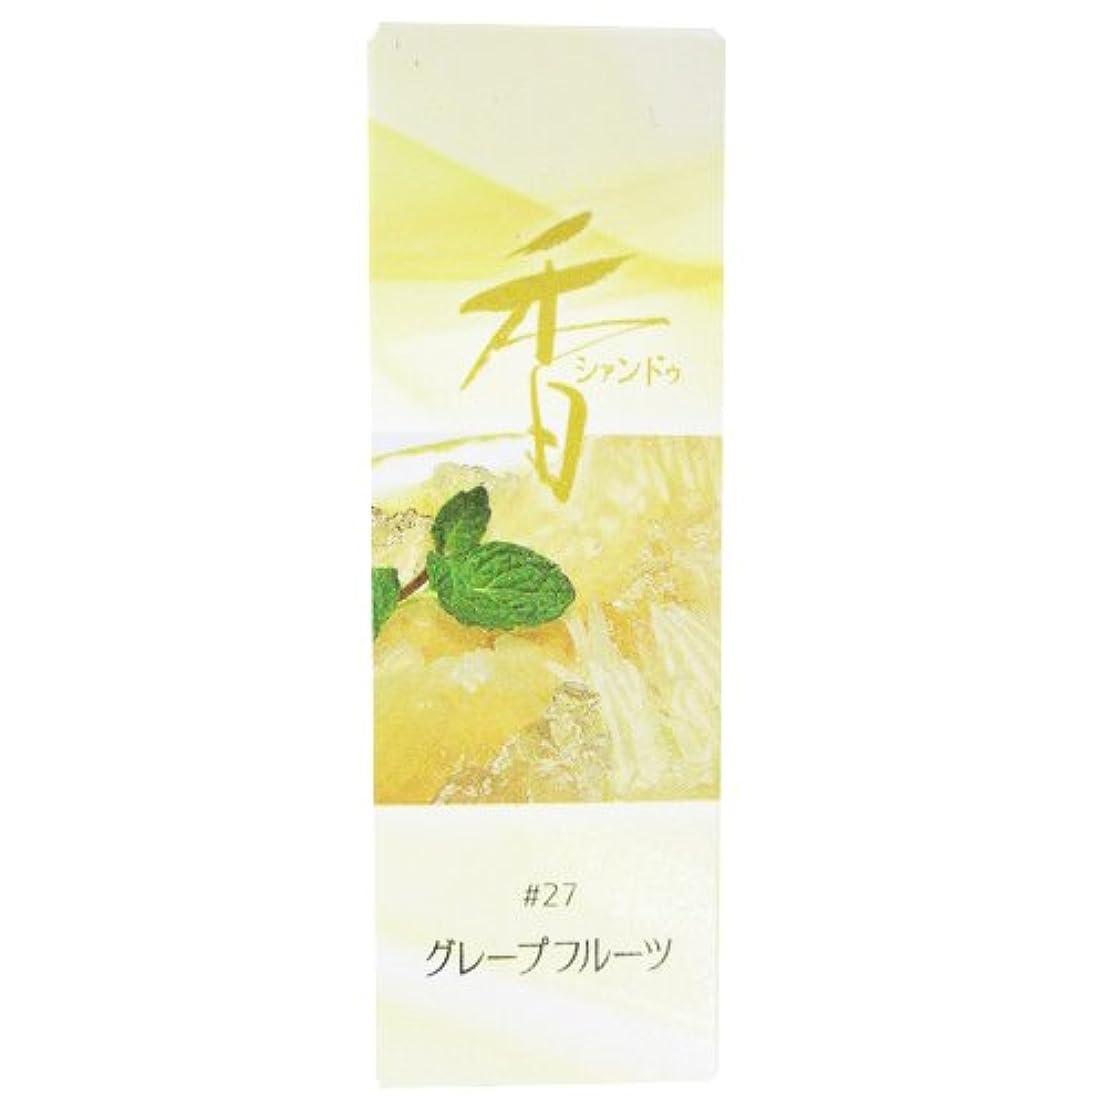 高齢者アプローチブースト松栄堂のお香 Xiang Do(シャンドゥ) グレープフルーツ ST20本入 簡易香立付 #214227